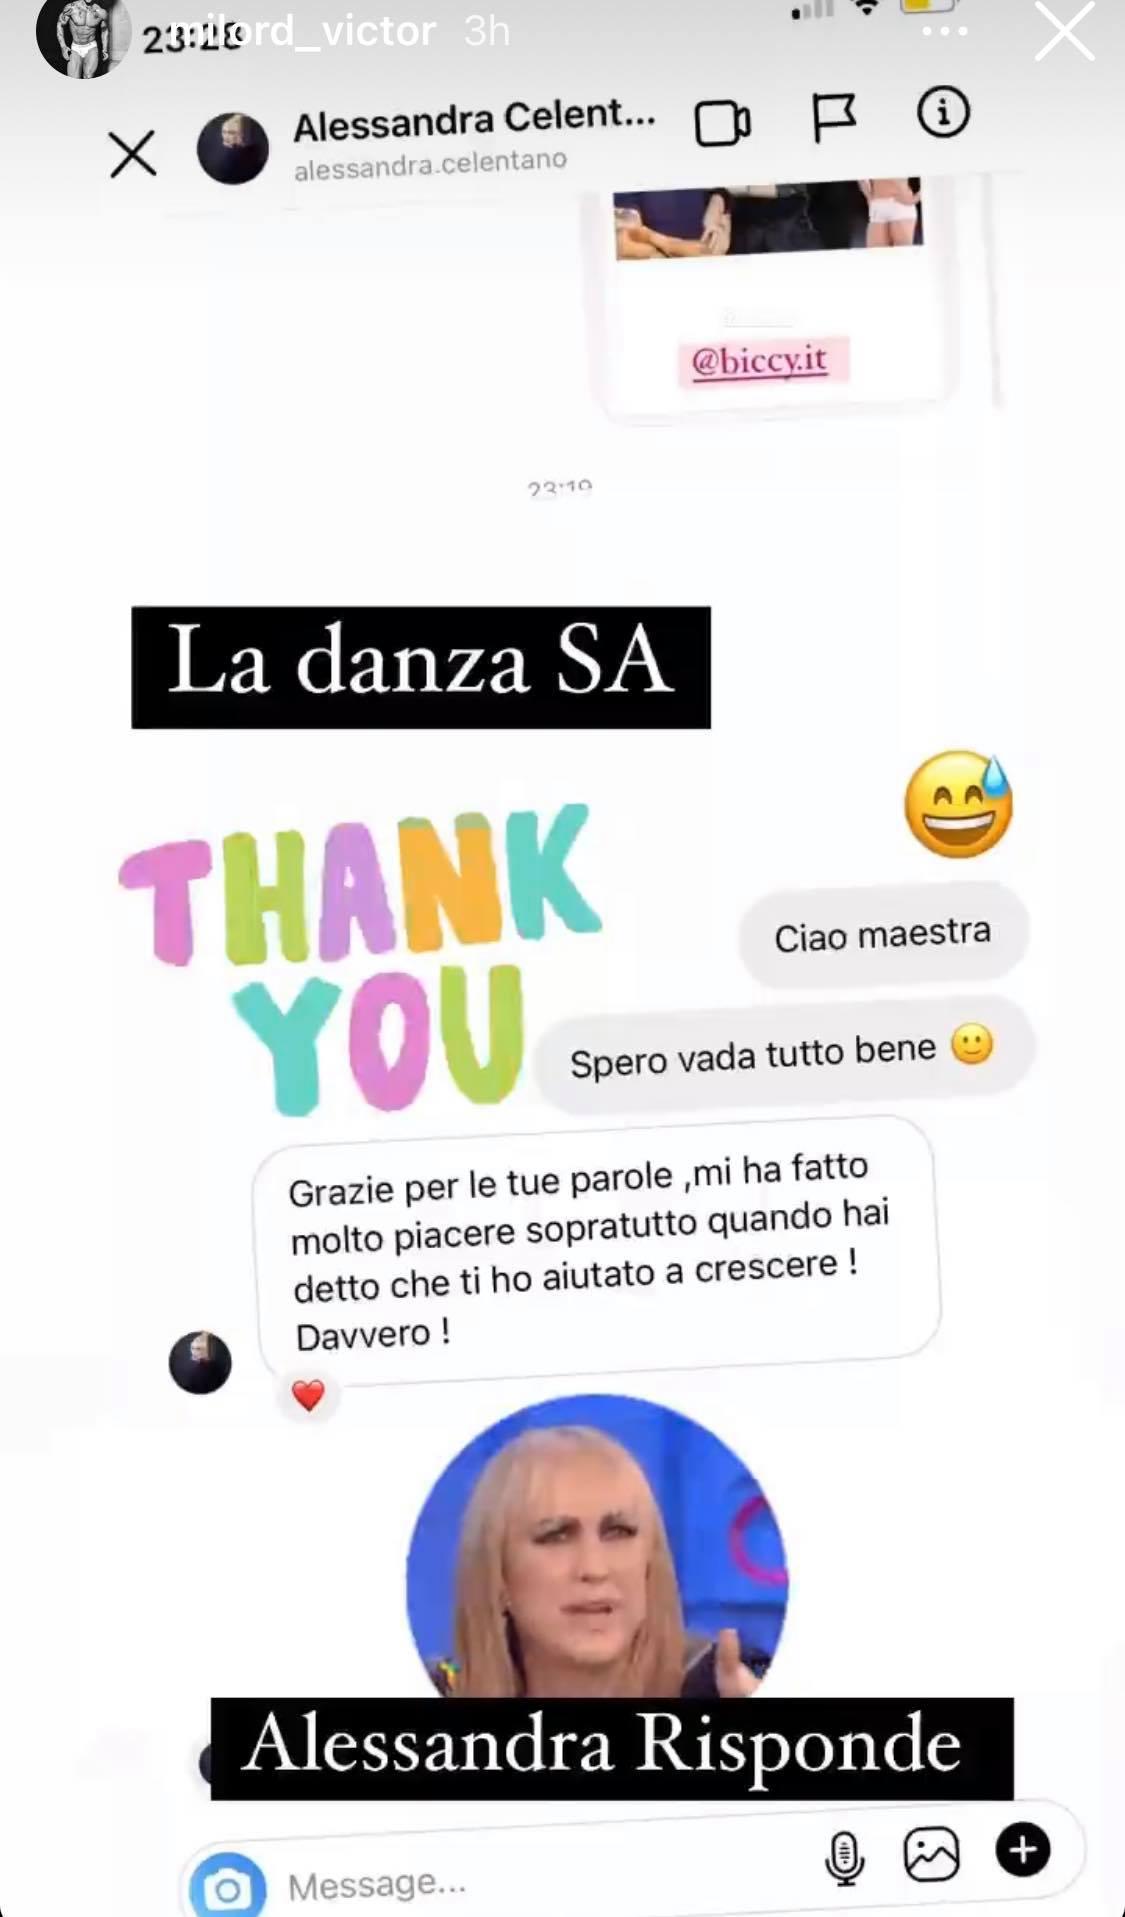 Alessandra Celentano commenta l'intervista di Vito su Biccy: Agata Reale sbotta